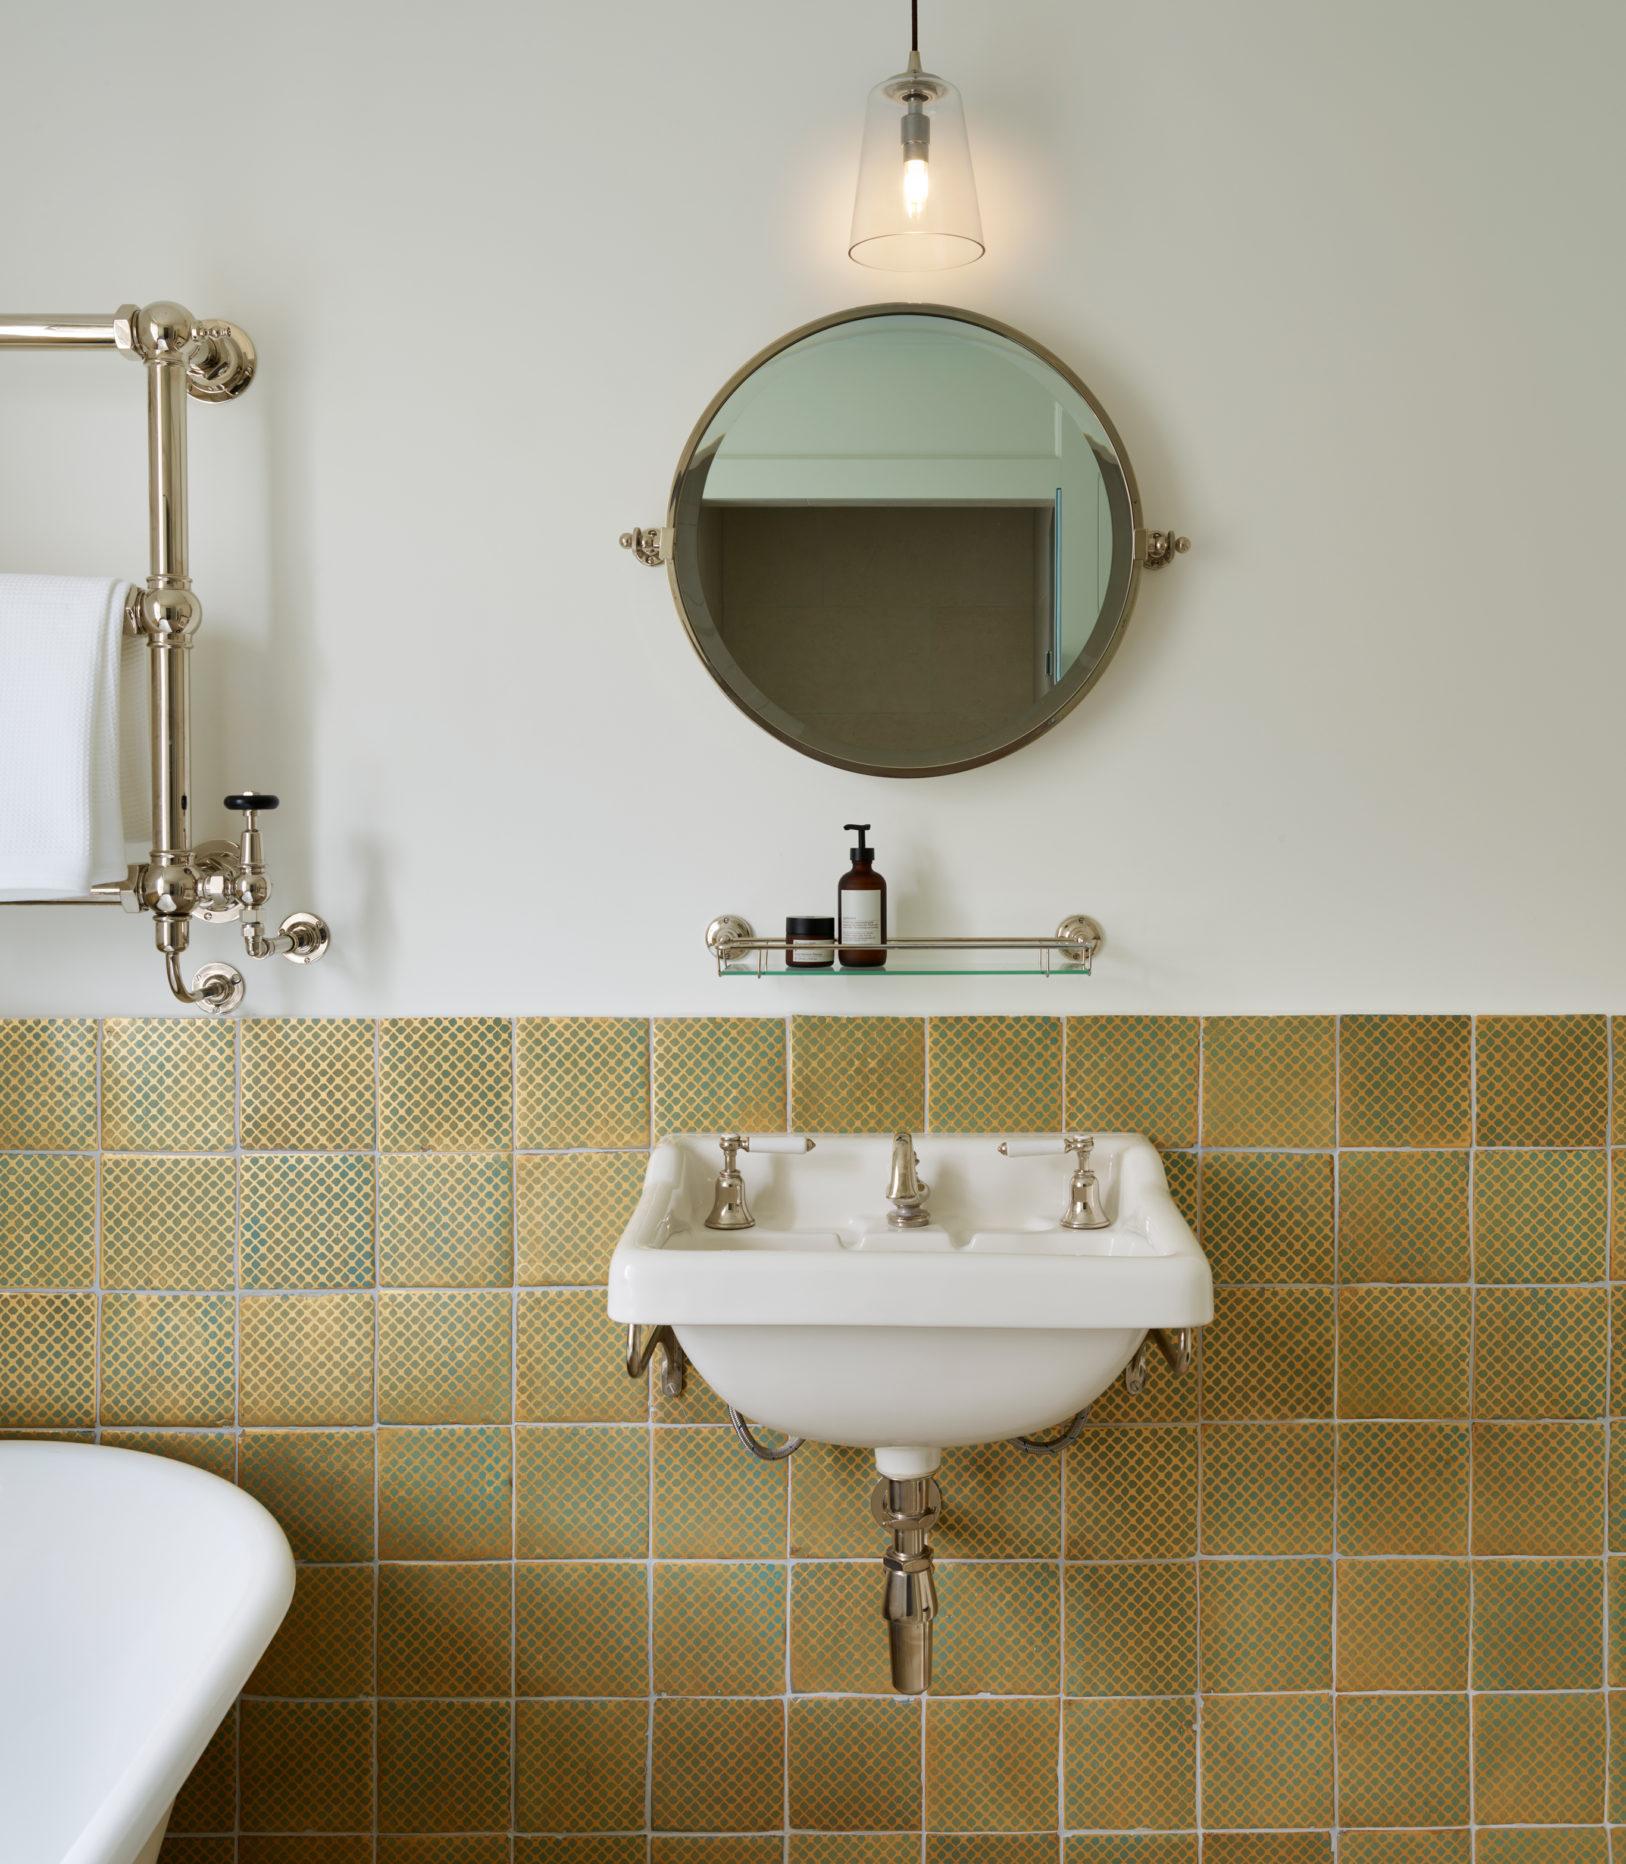 Wall Mounted Circular Bathroom Mirror